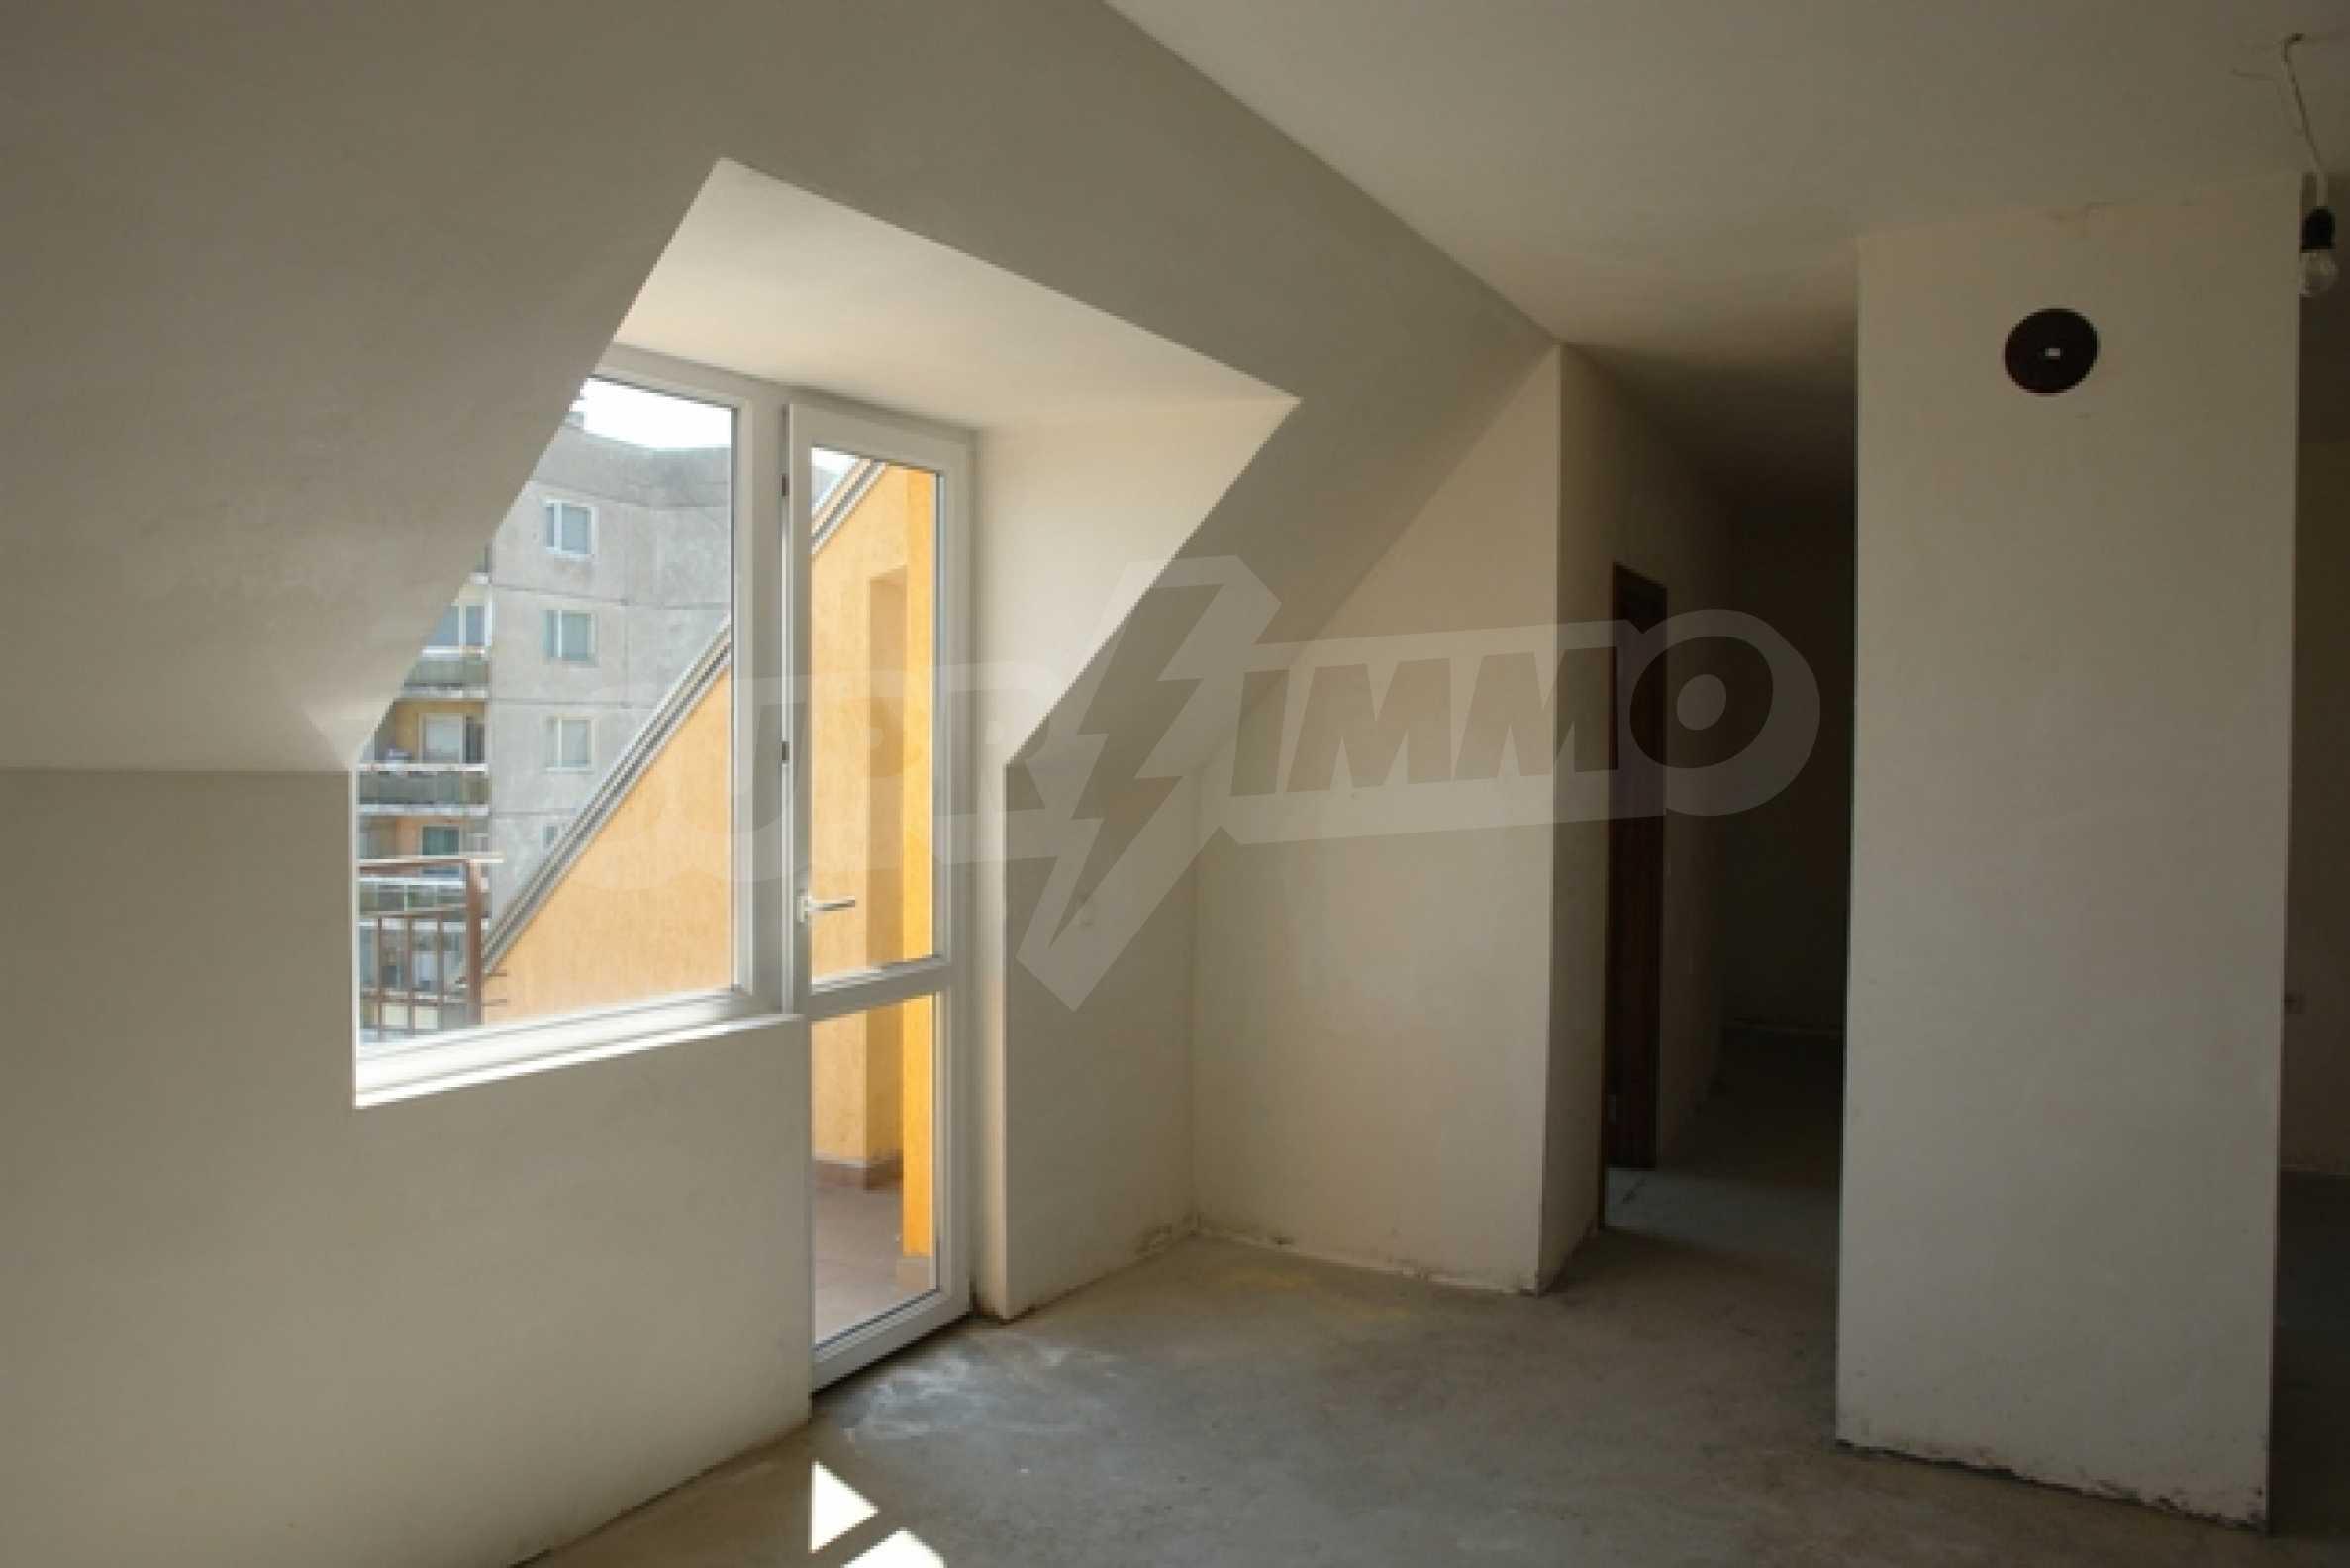 Тристаен апартамент в Русе с невероятна панорама към града 20